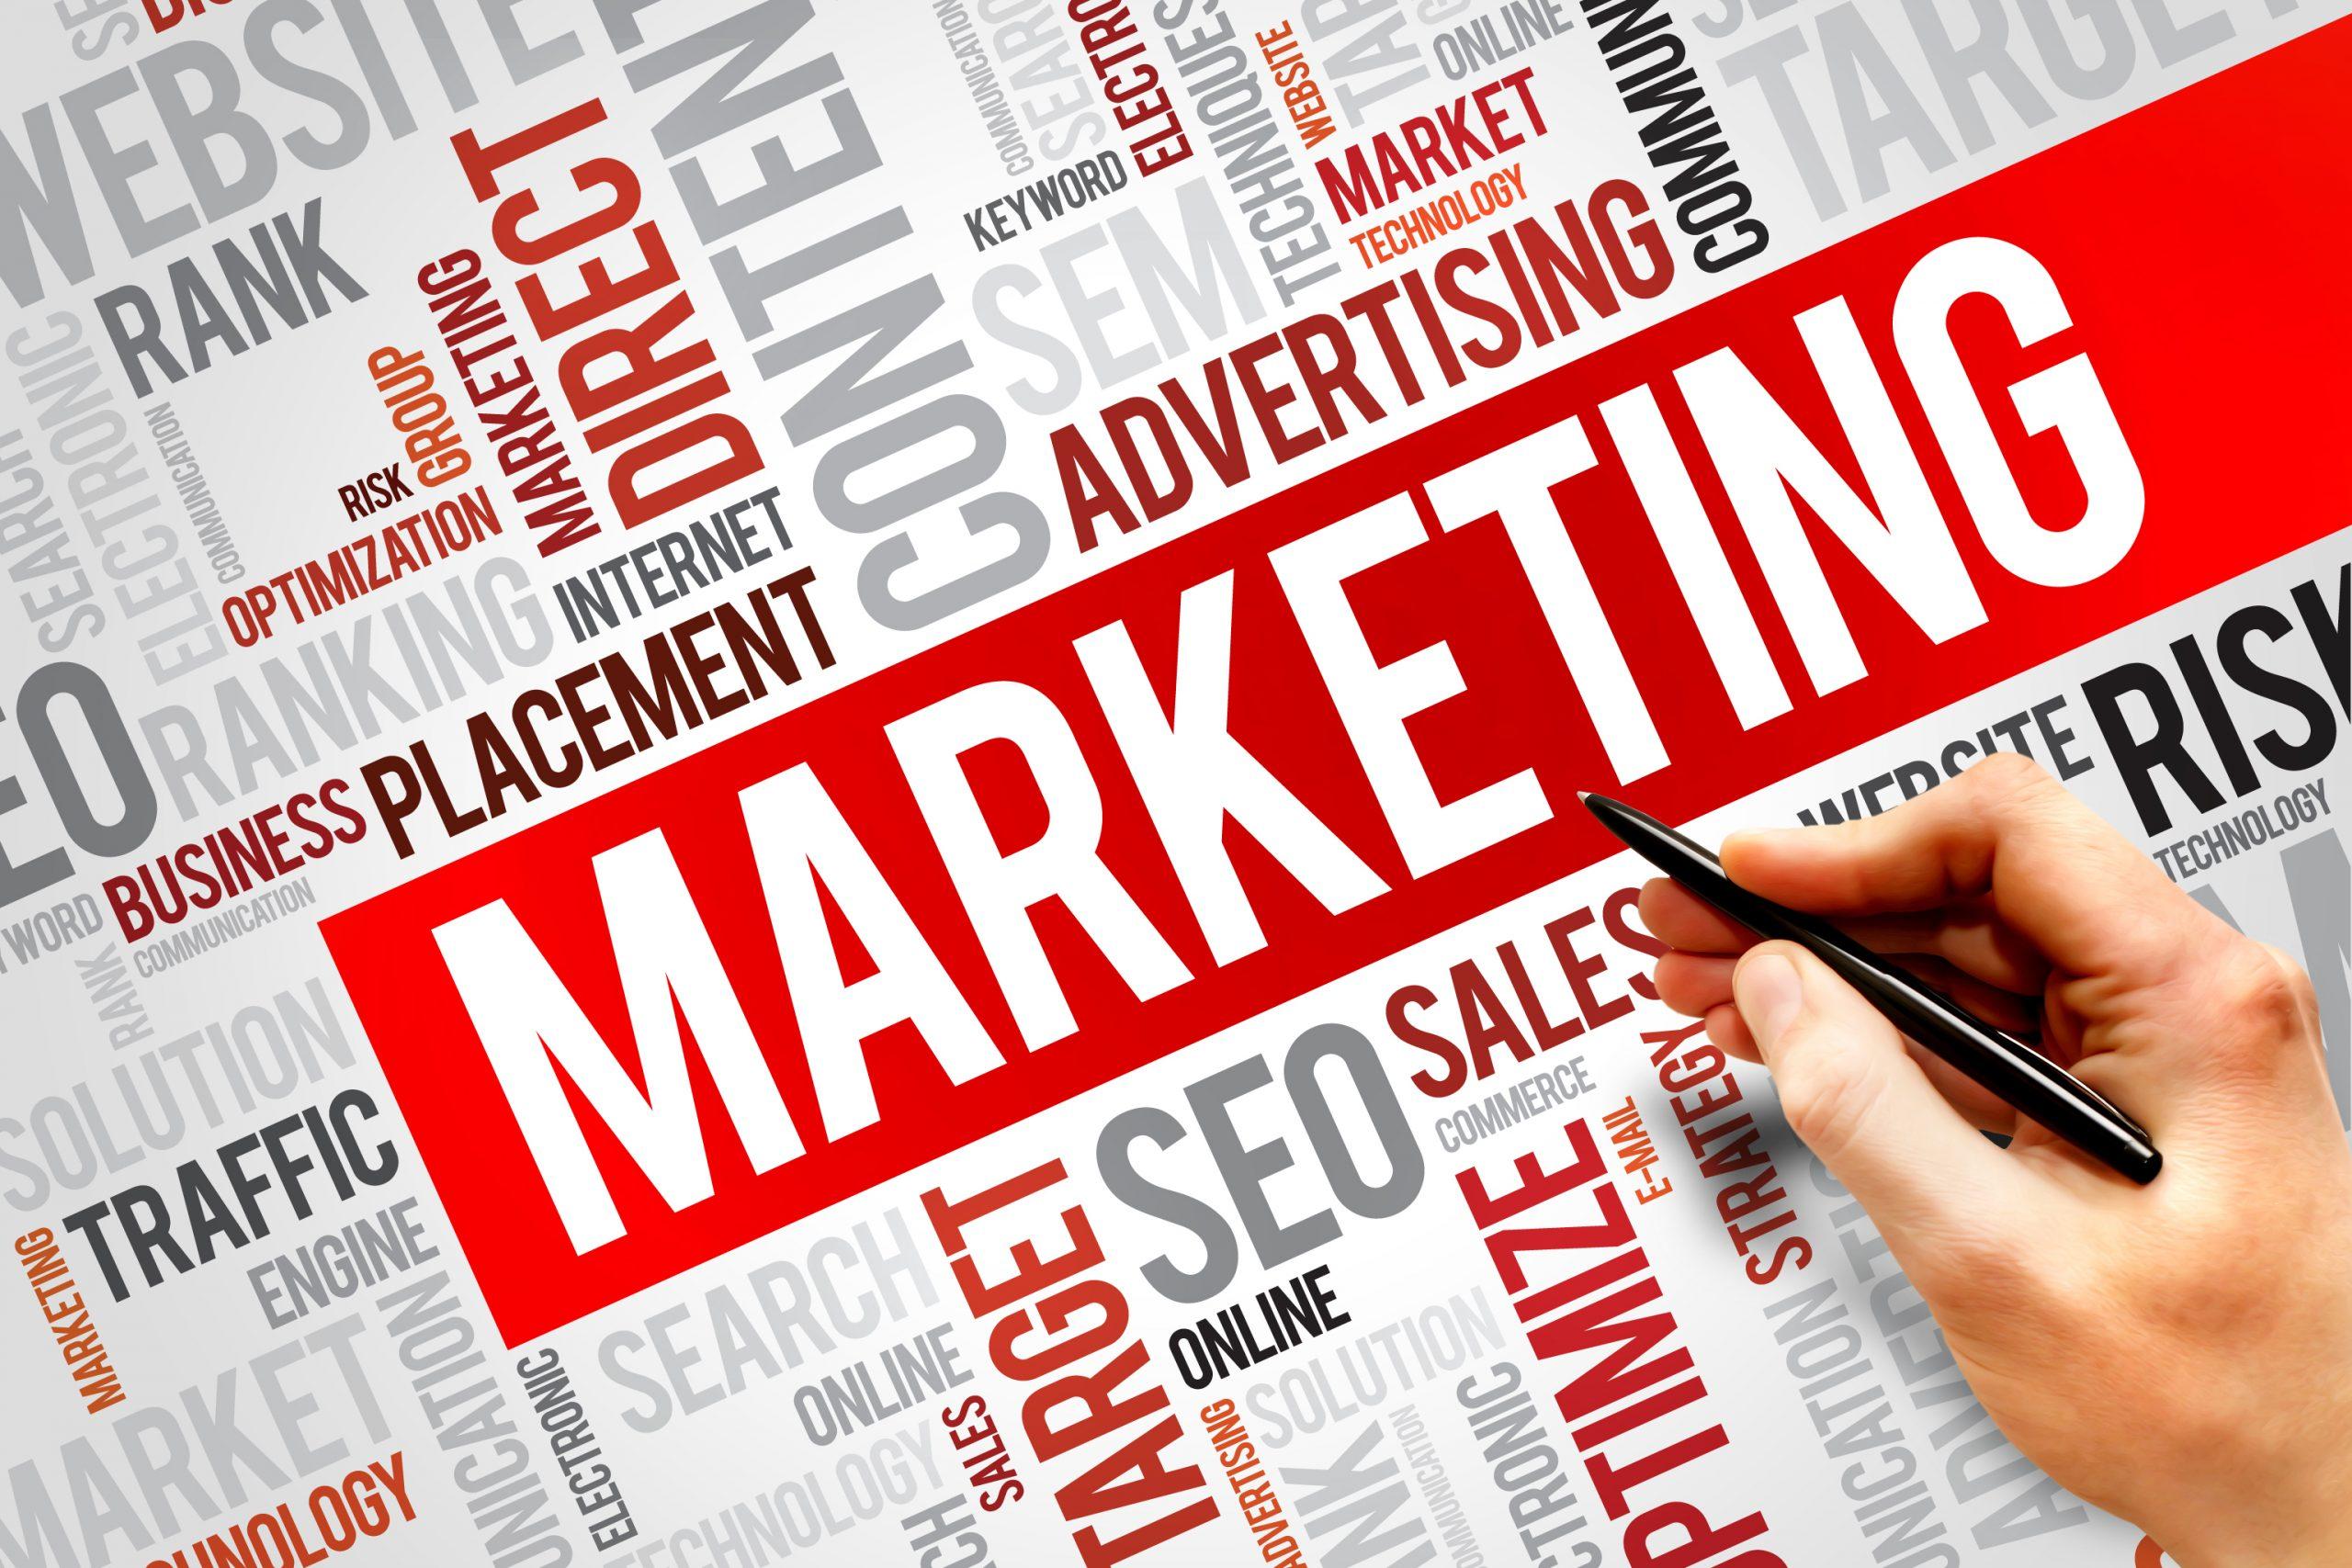 """Thực hiện marketing online lấy website làm trung tâm – """"vũ khí"""" để bán hàng"""